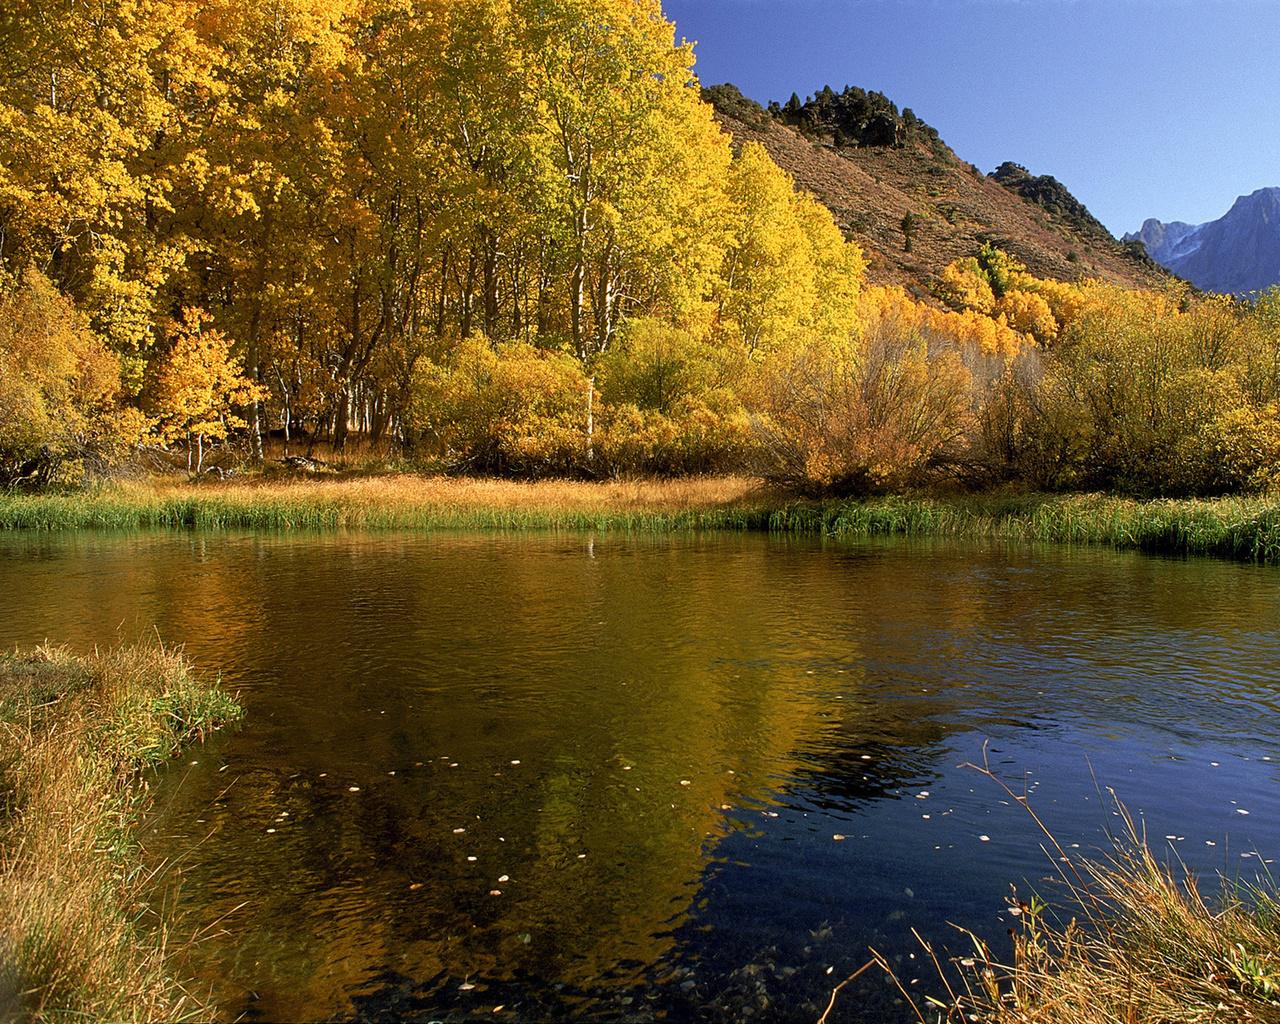 Природа осень фотография 1